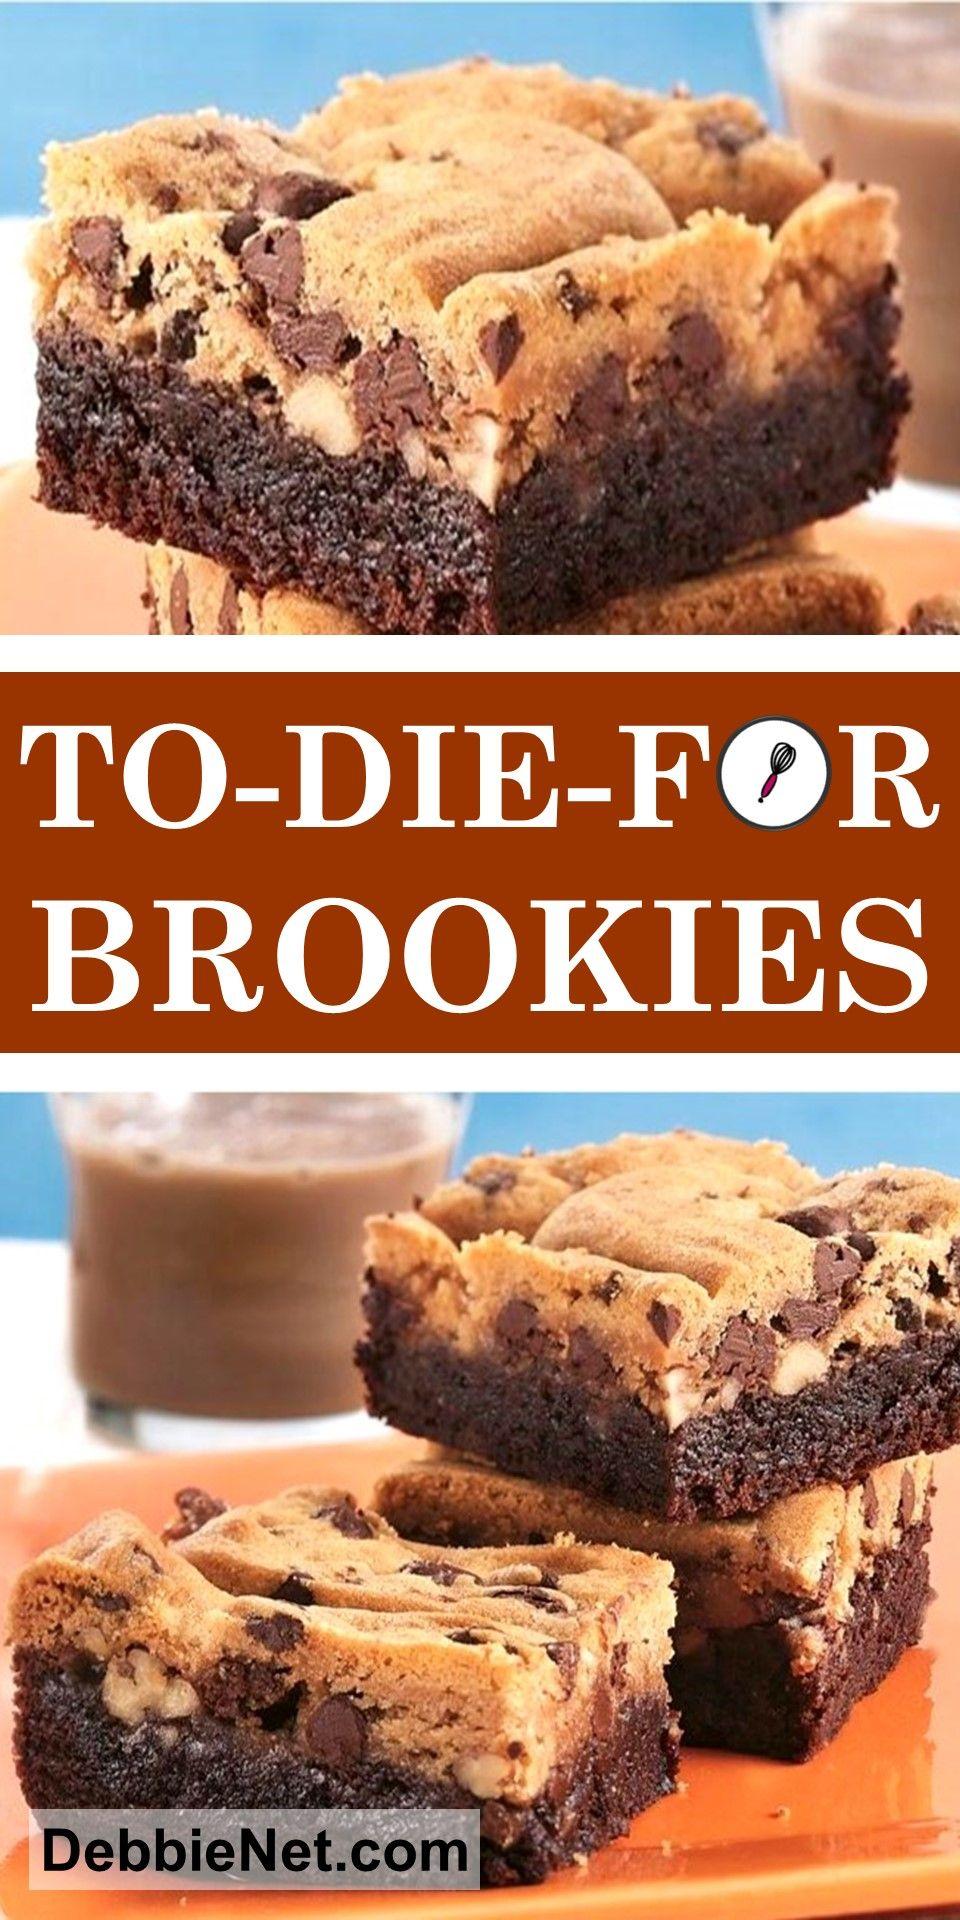 To-Die-For Brookies Recipe | DebbieNet.com